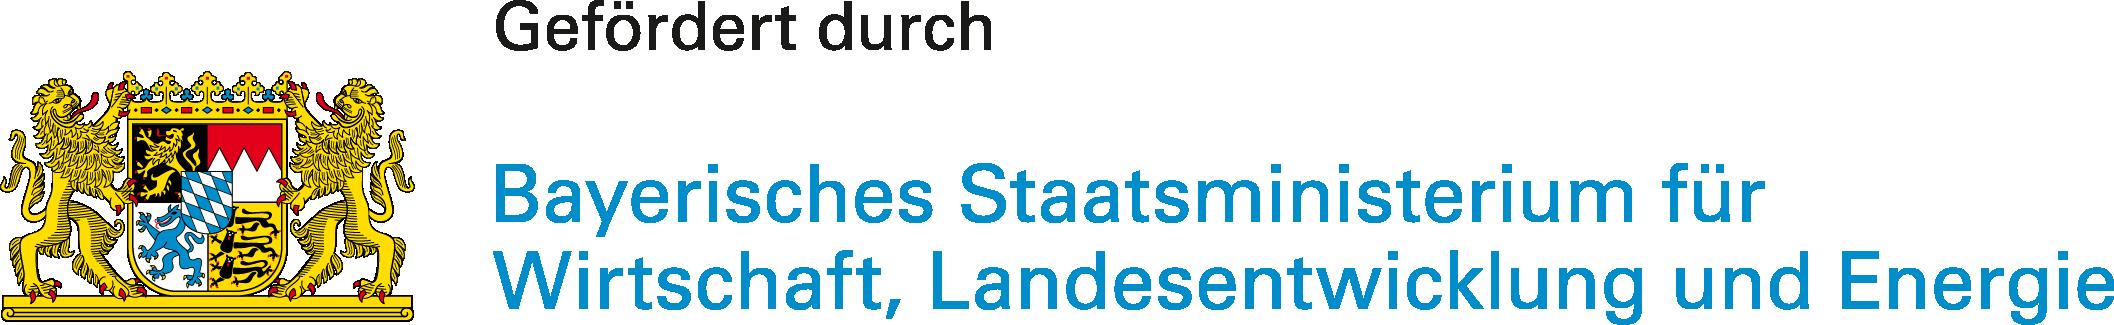 Bayer. Staatsministerium für Wirtschaft, Landesentwicklung und Energie